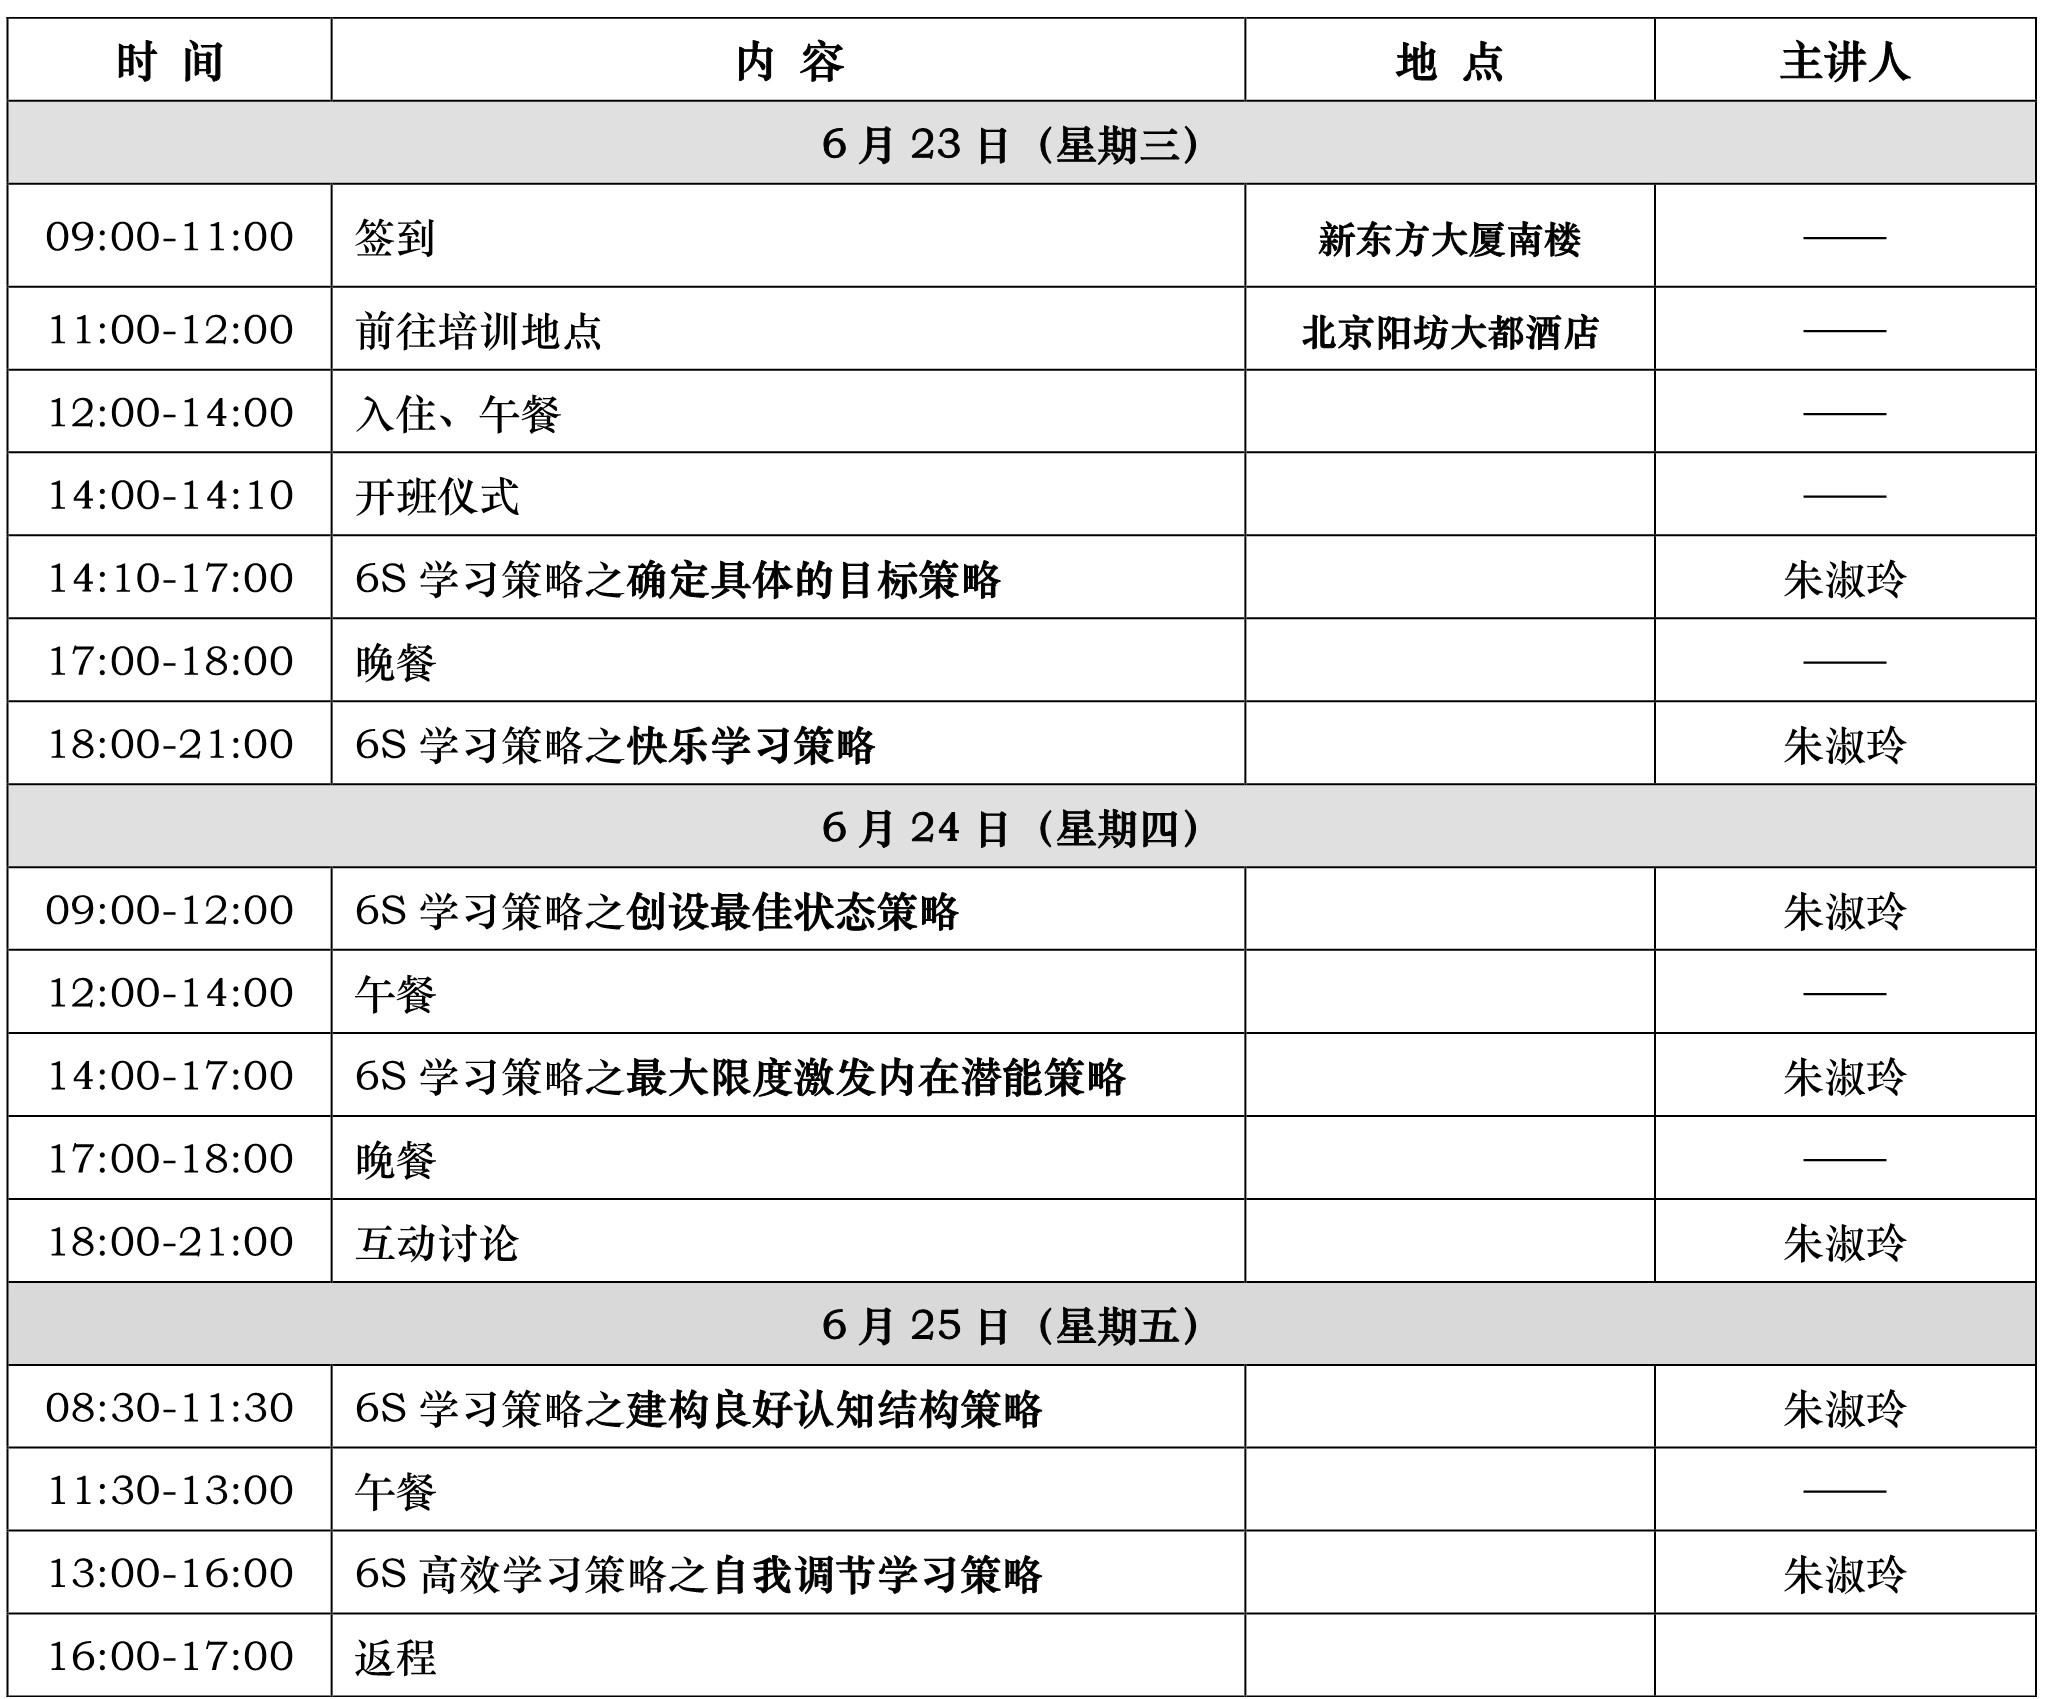 附件1:新东方第4期学习策略指导师培训议程(6月班).jpg